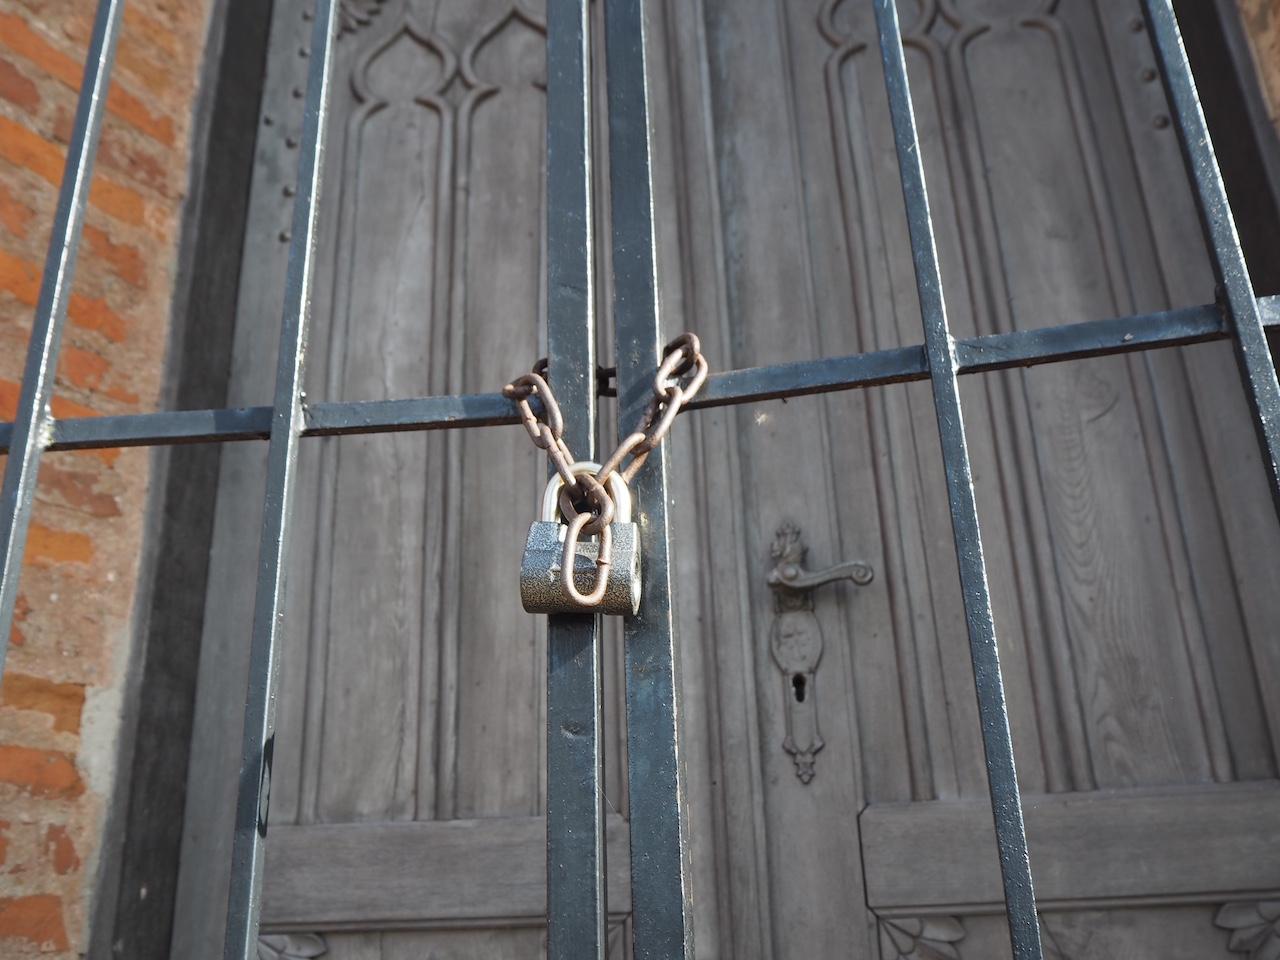 Spyna ant Bukaučiškių koplyčios durš